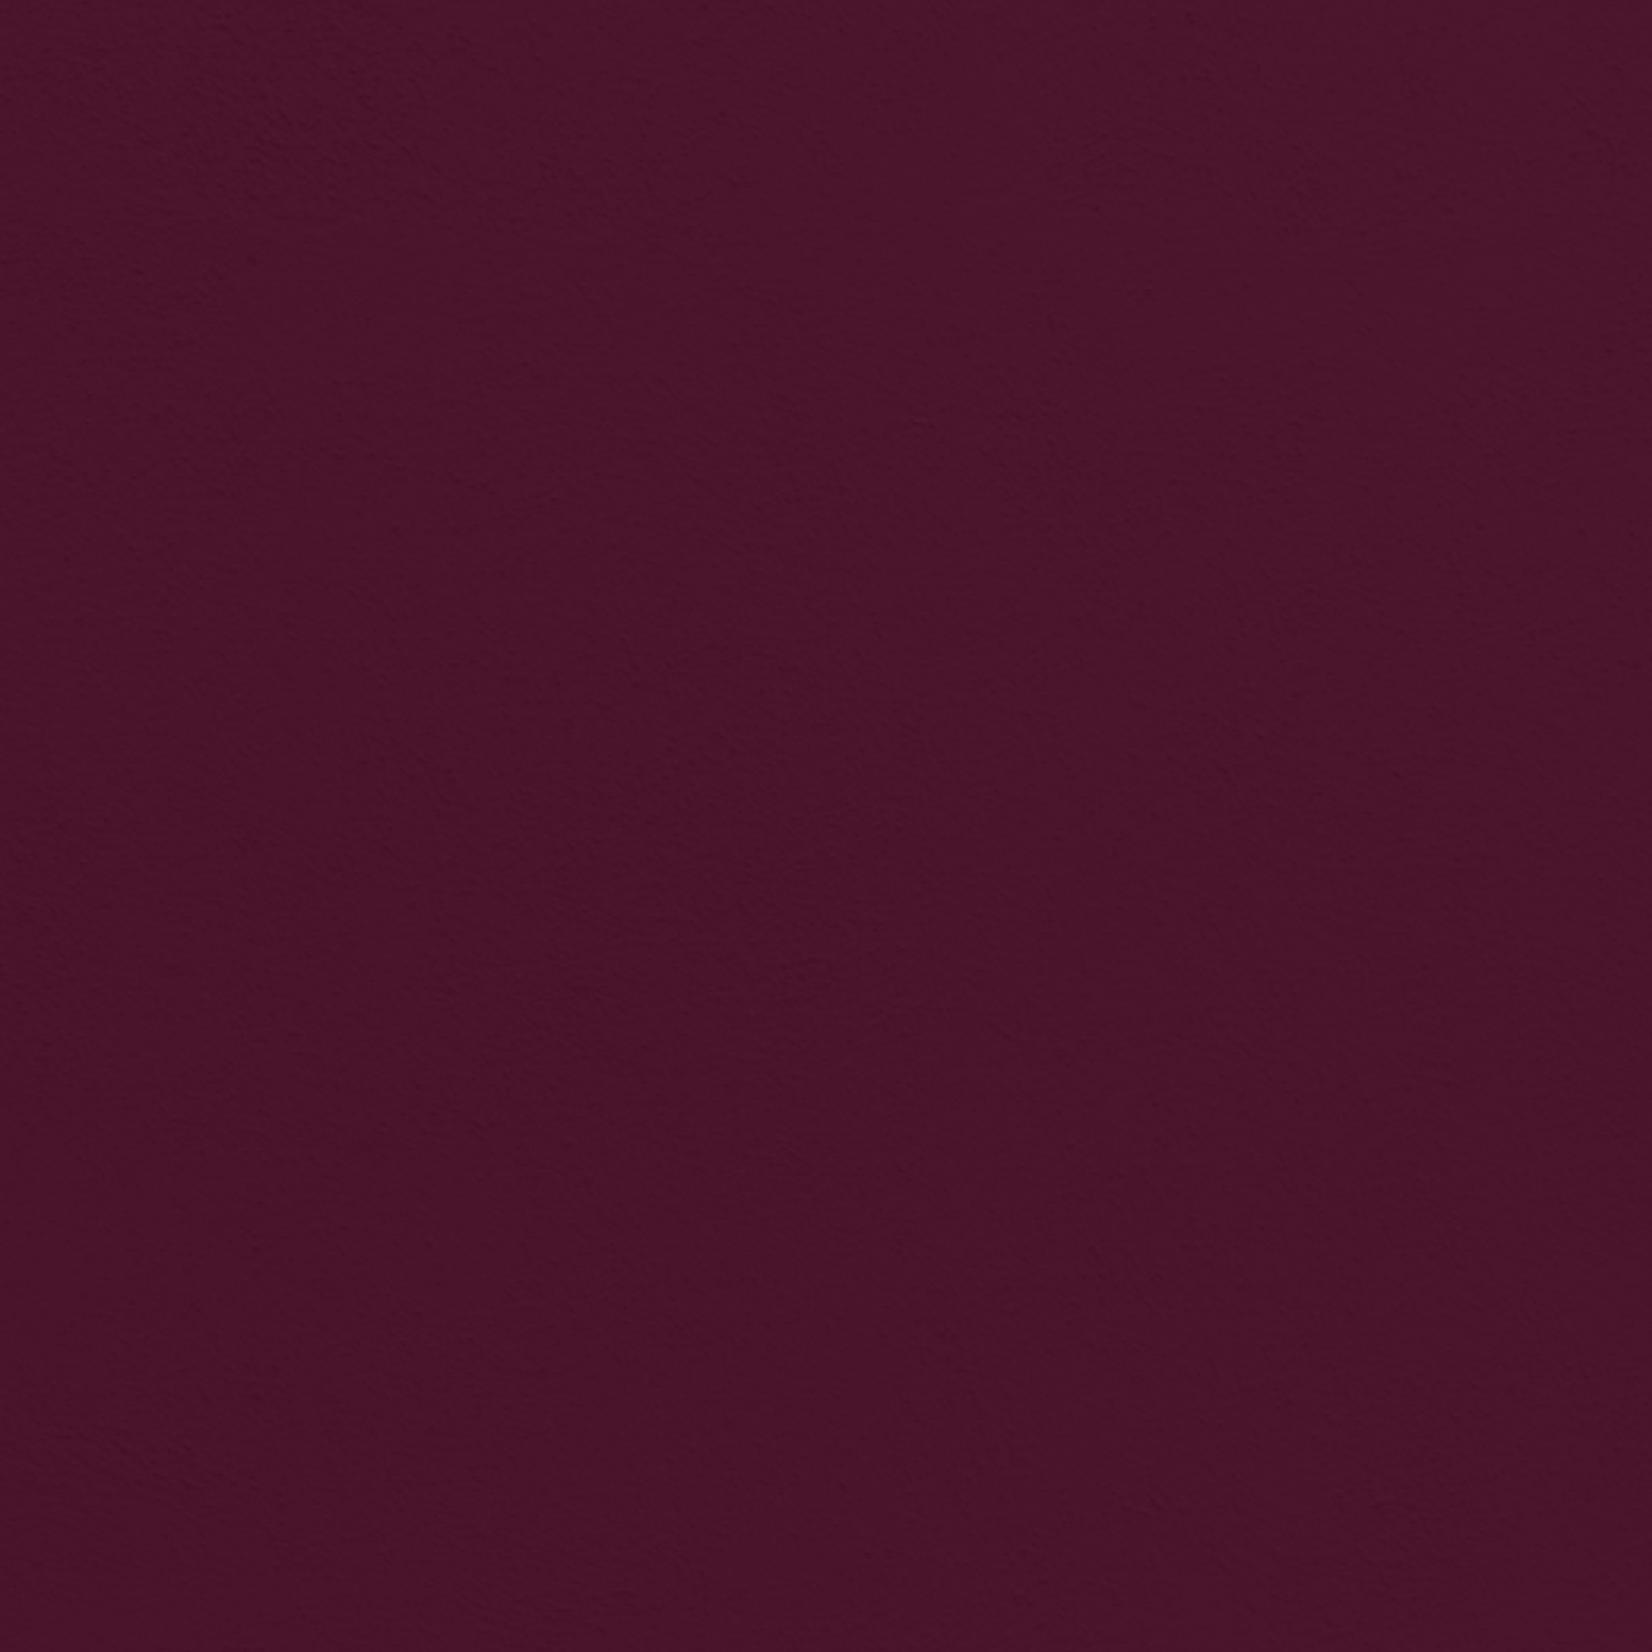 Sangria — P31dt